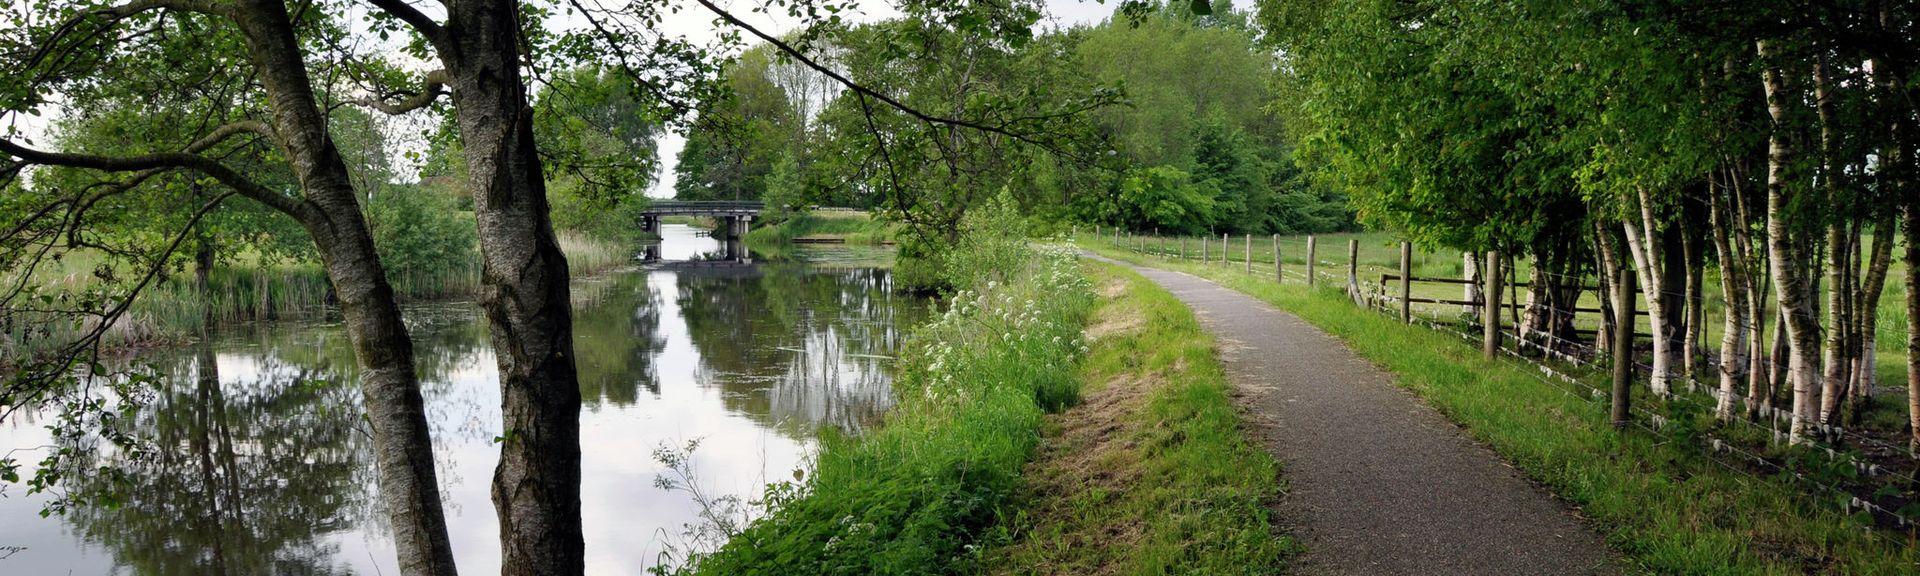 Diever, Drenthe, Nederland